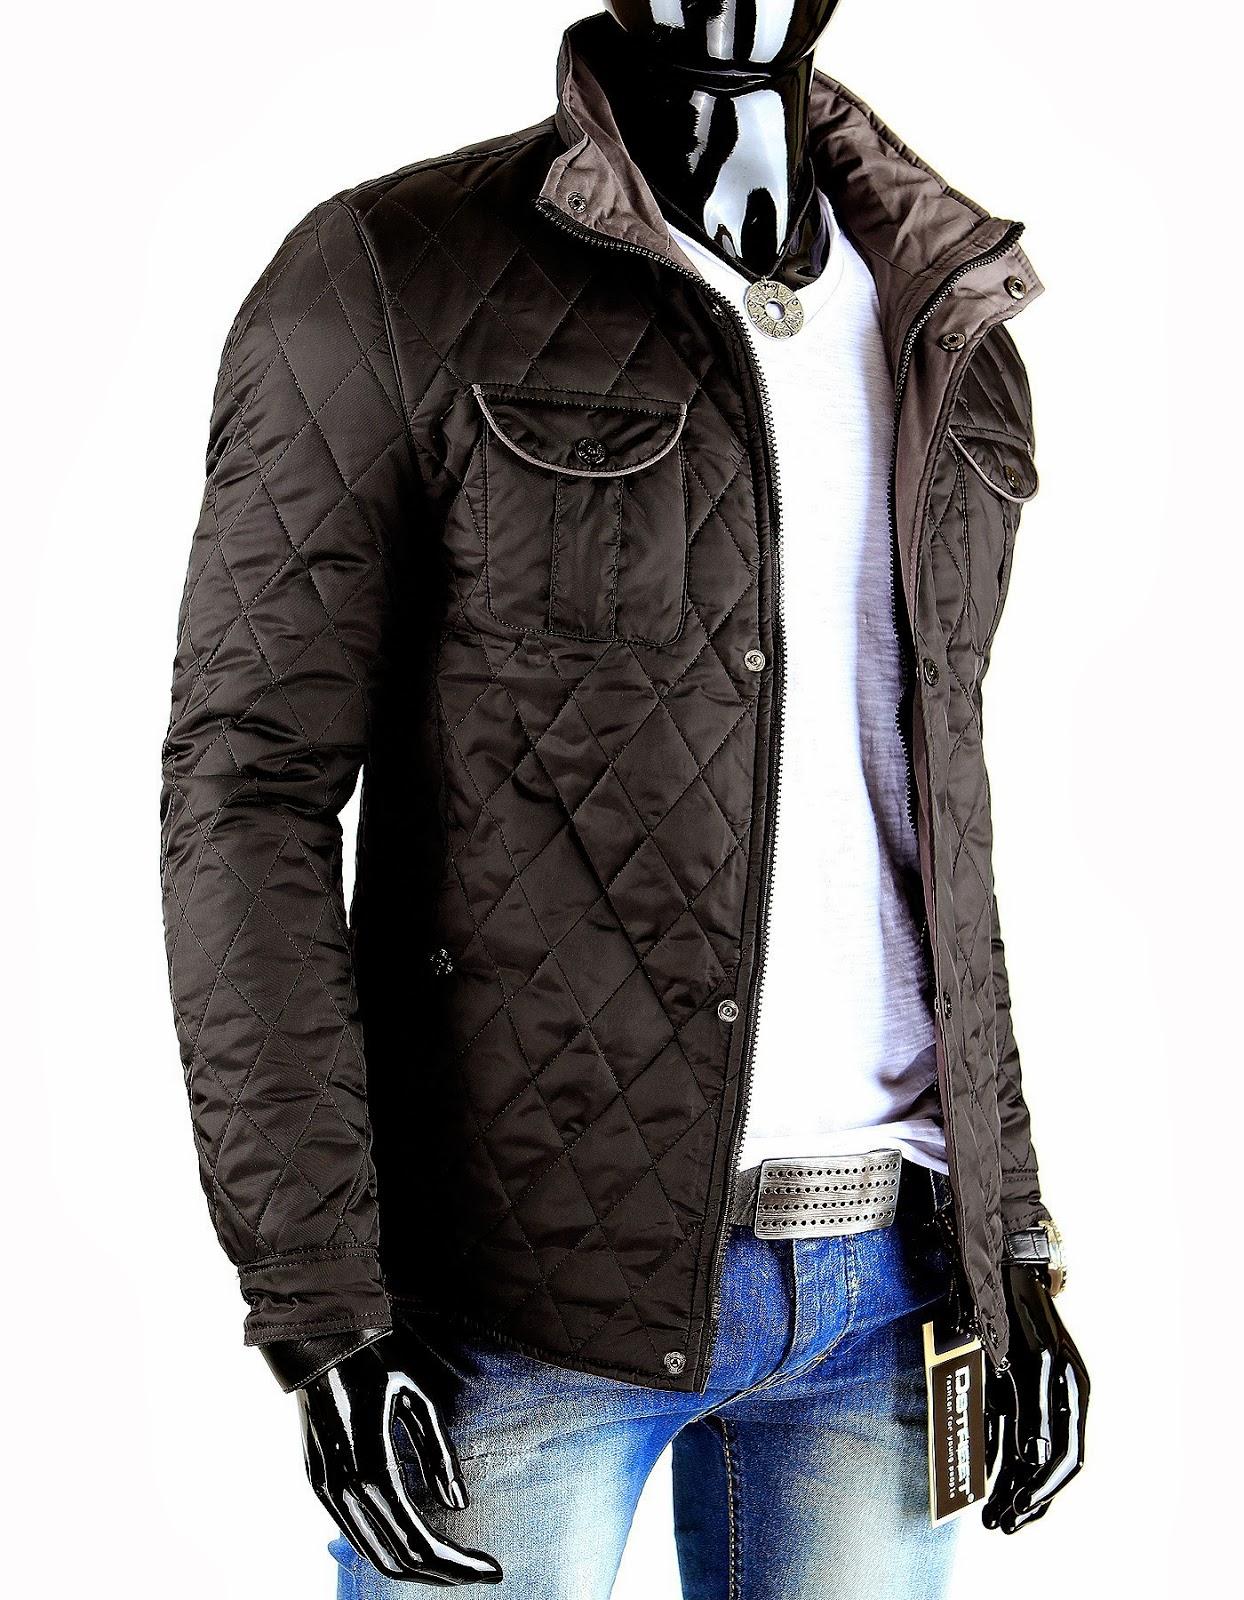 Kurtki mogą być zatem okryciem na każdą porę roku. Proponujemy więc lekkie kurtki letnie takie, jak wiatrówki czy bomberki. Jesienią przydadzą się popularne kurtki bejsbolówki, a na zimę świetnie sprawdzą się lubiane przez panie pikowane kurtki z dłuższym tyłem.